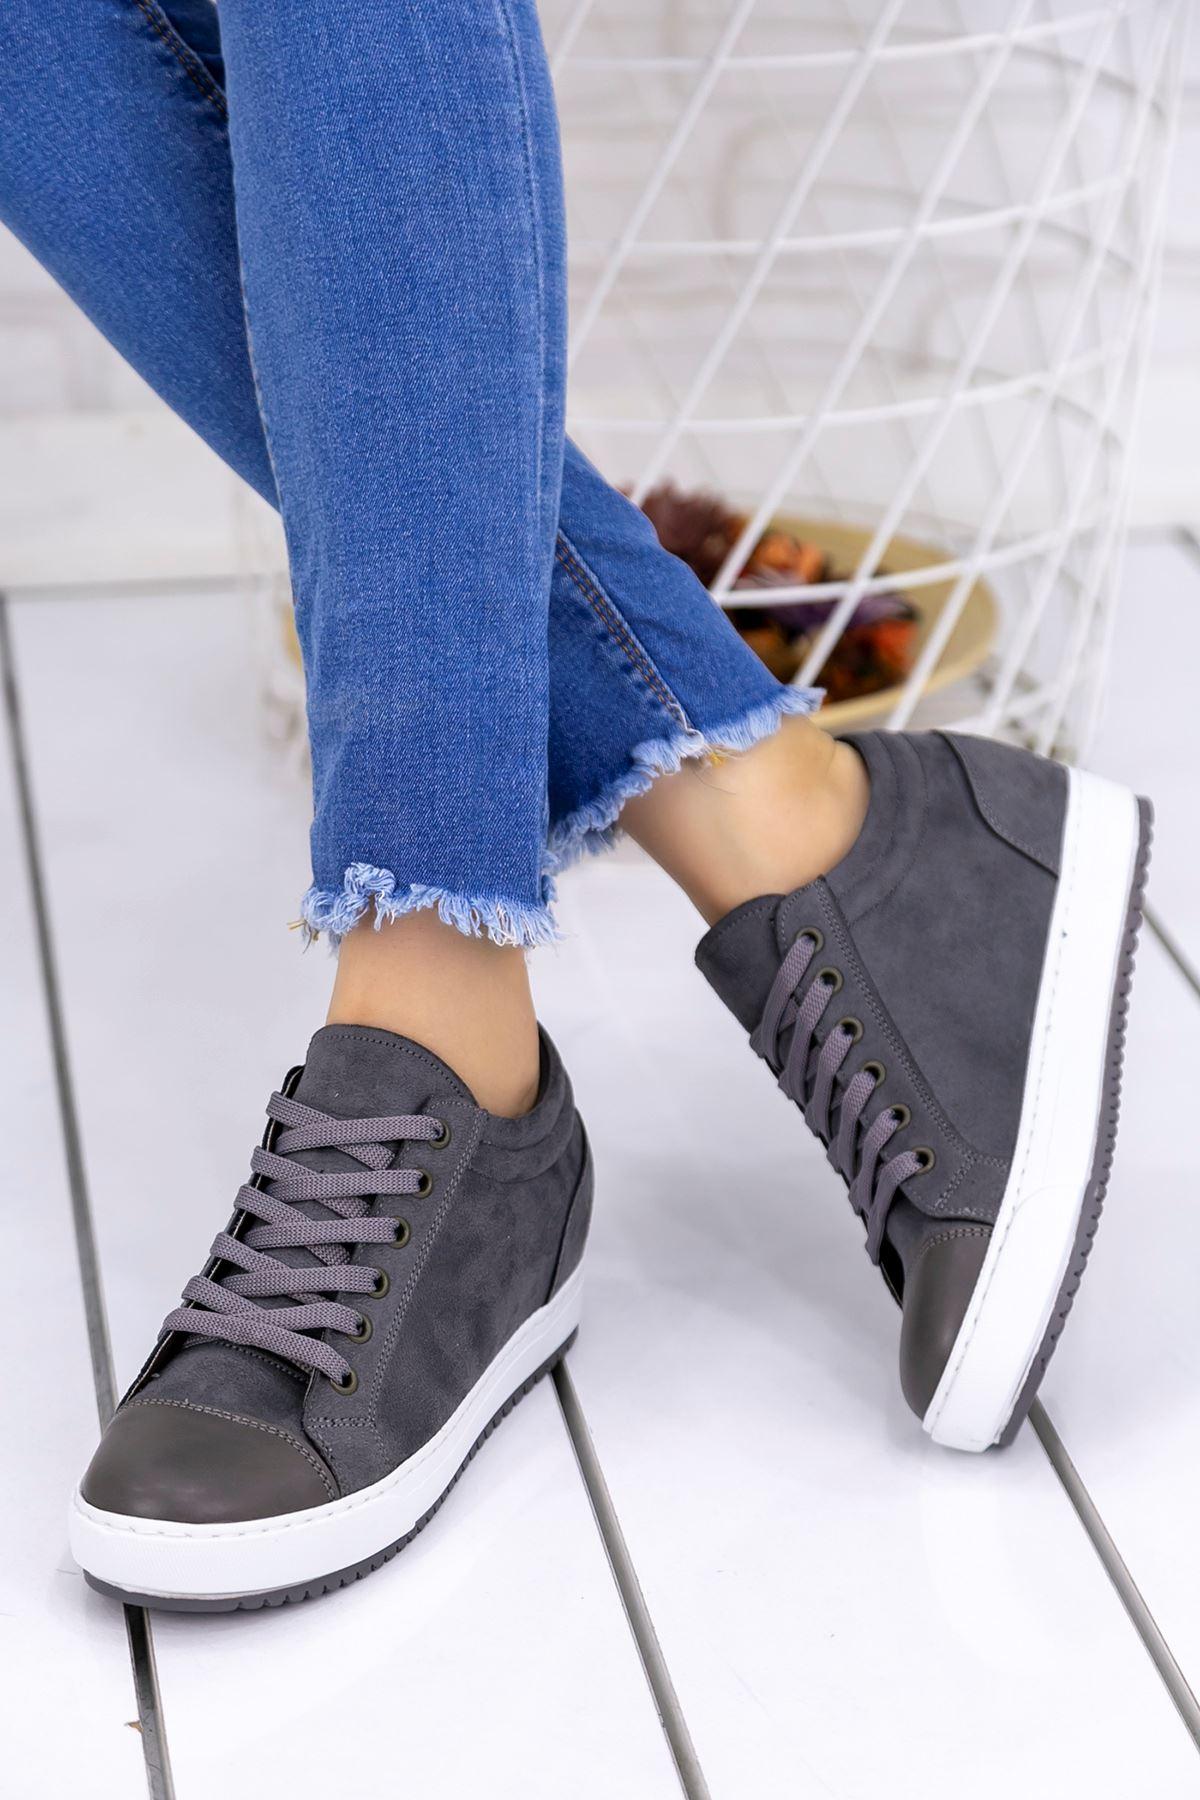 Adonia Füme Süet  Gizli Topuklu Ortapedik Bayan Spor Ayakkabı